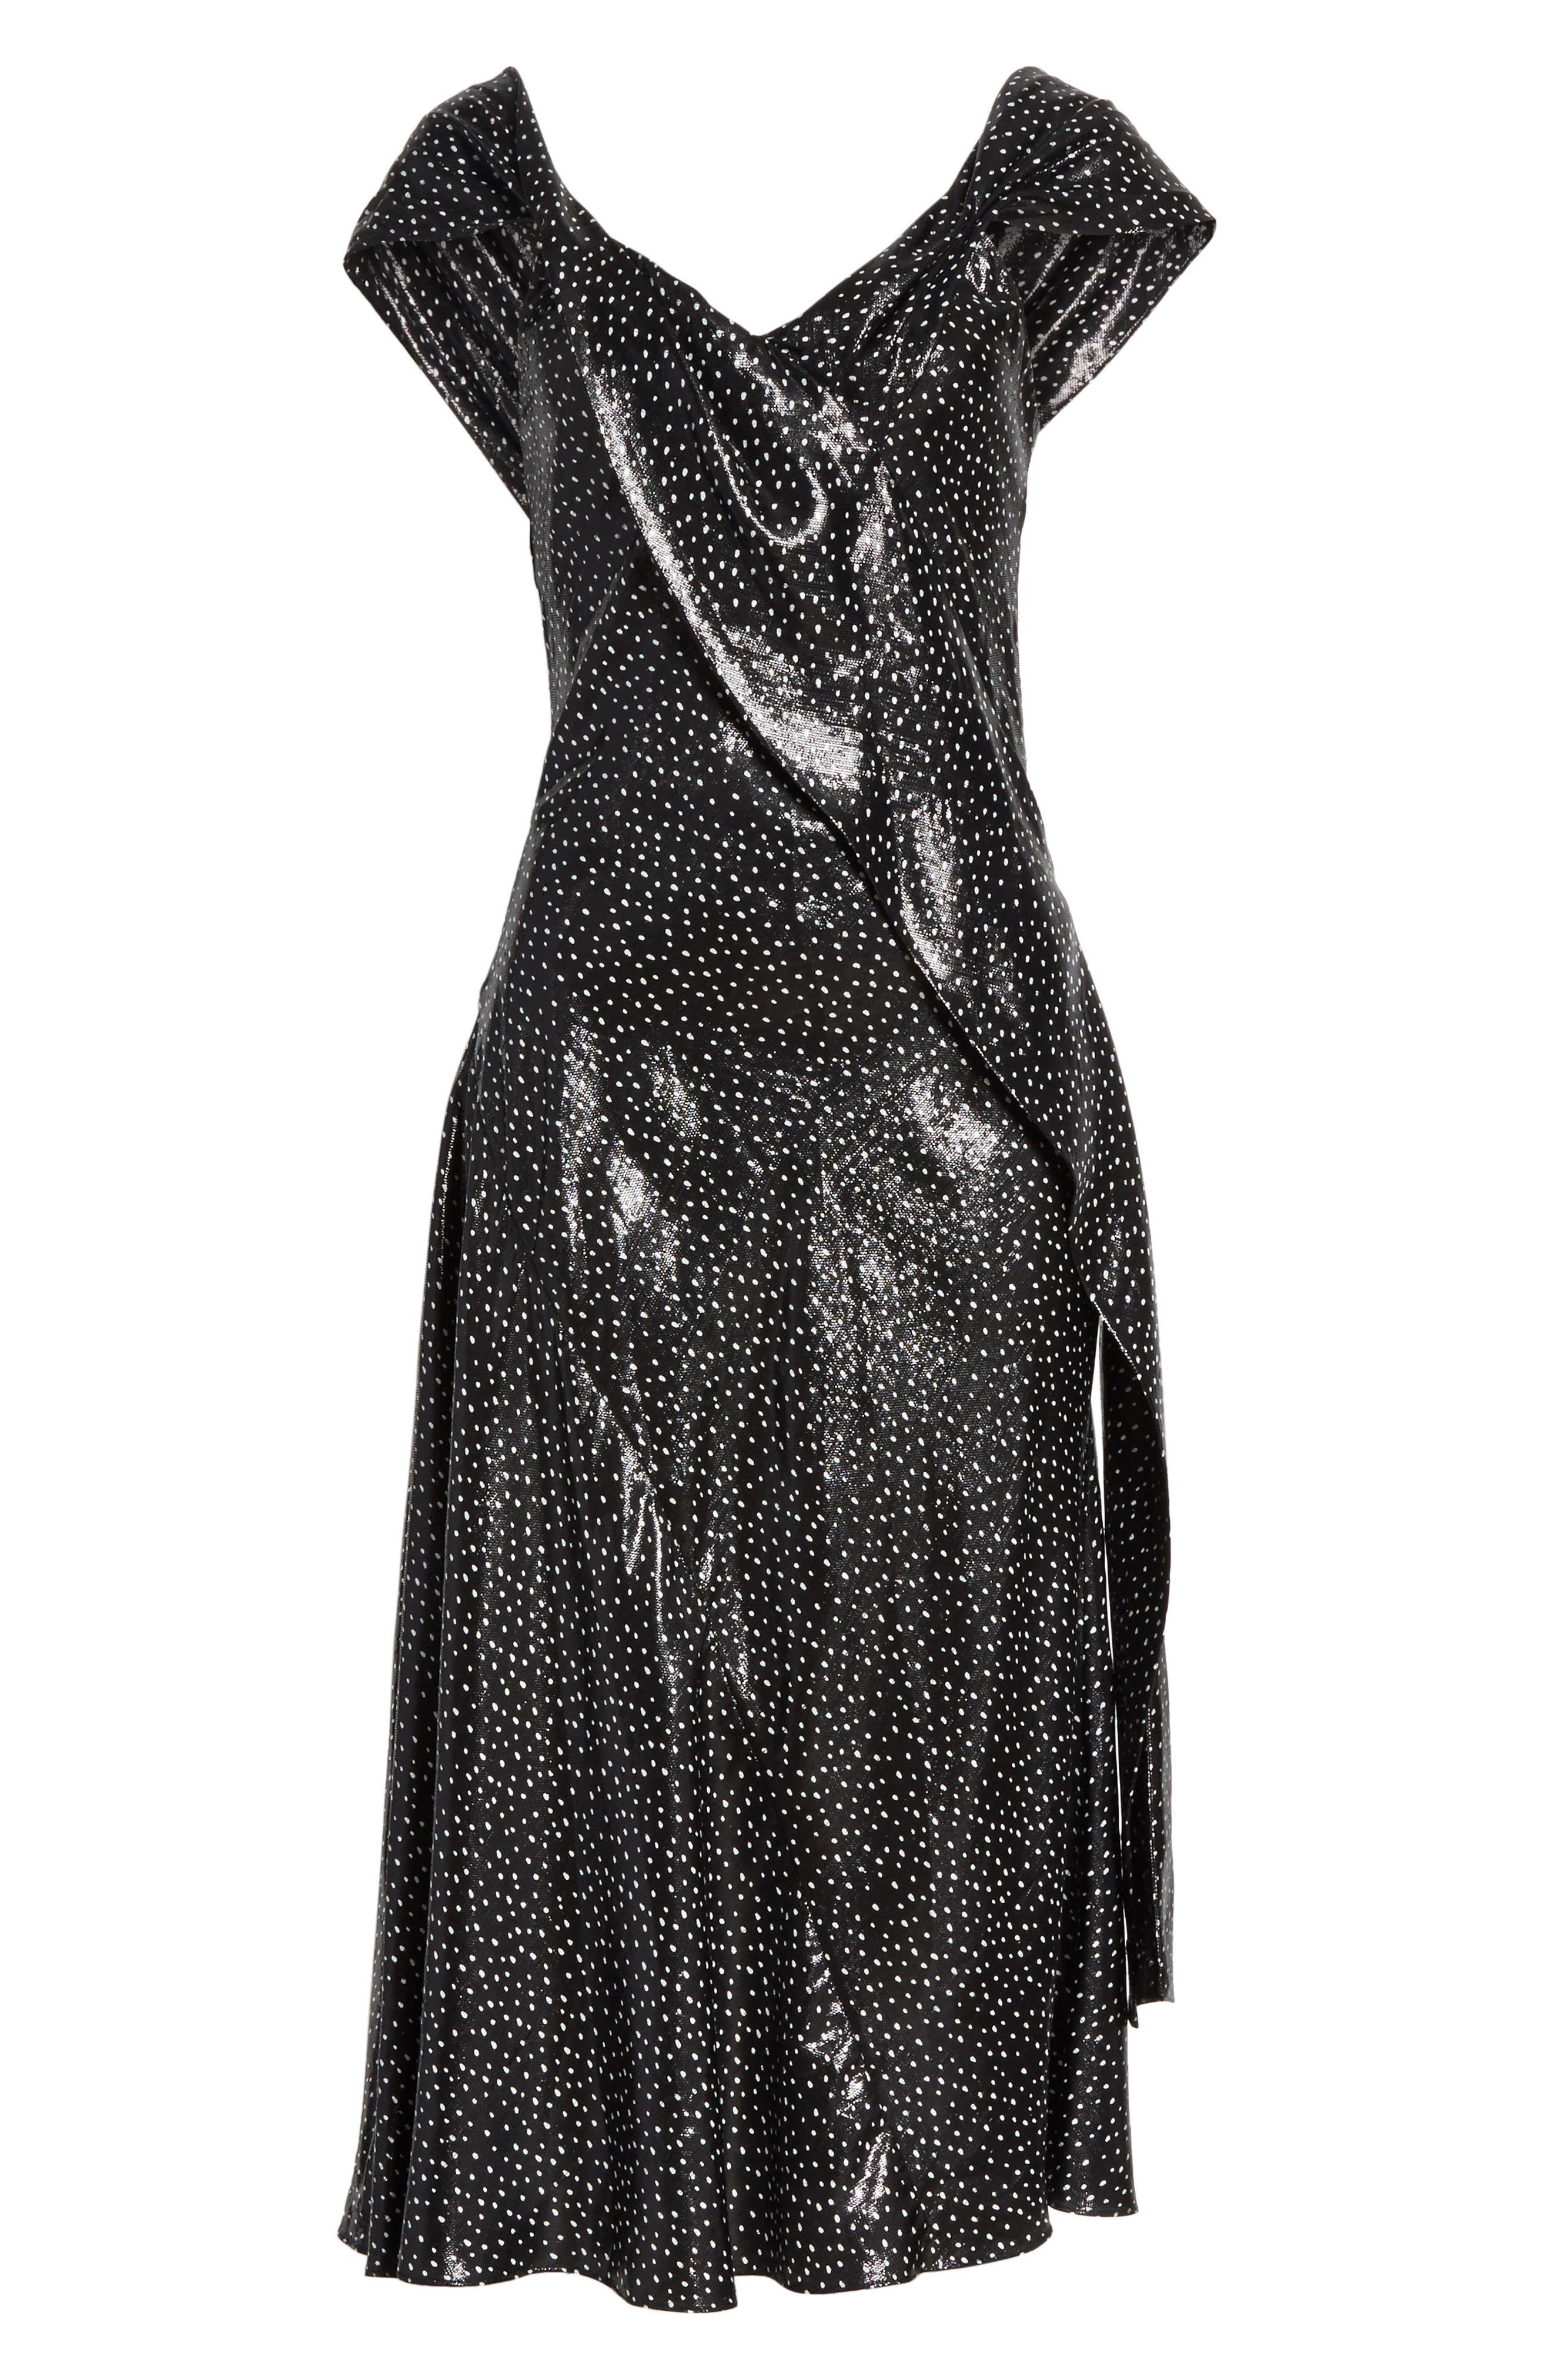 Metallic Dot Midi Dress,                             Alternate thumbnail 6, color,                             Irvine Dot Black